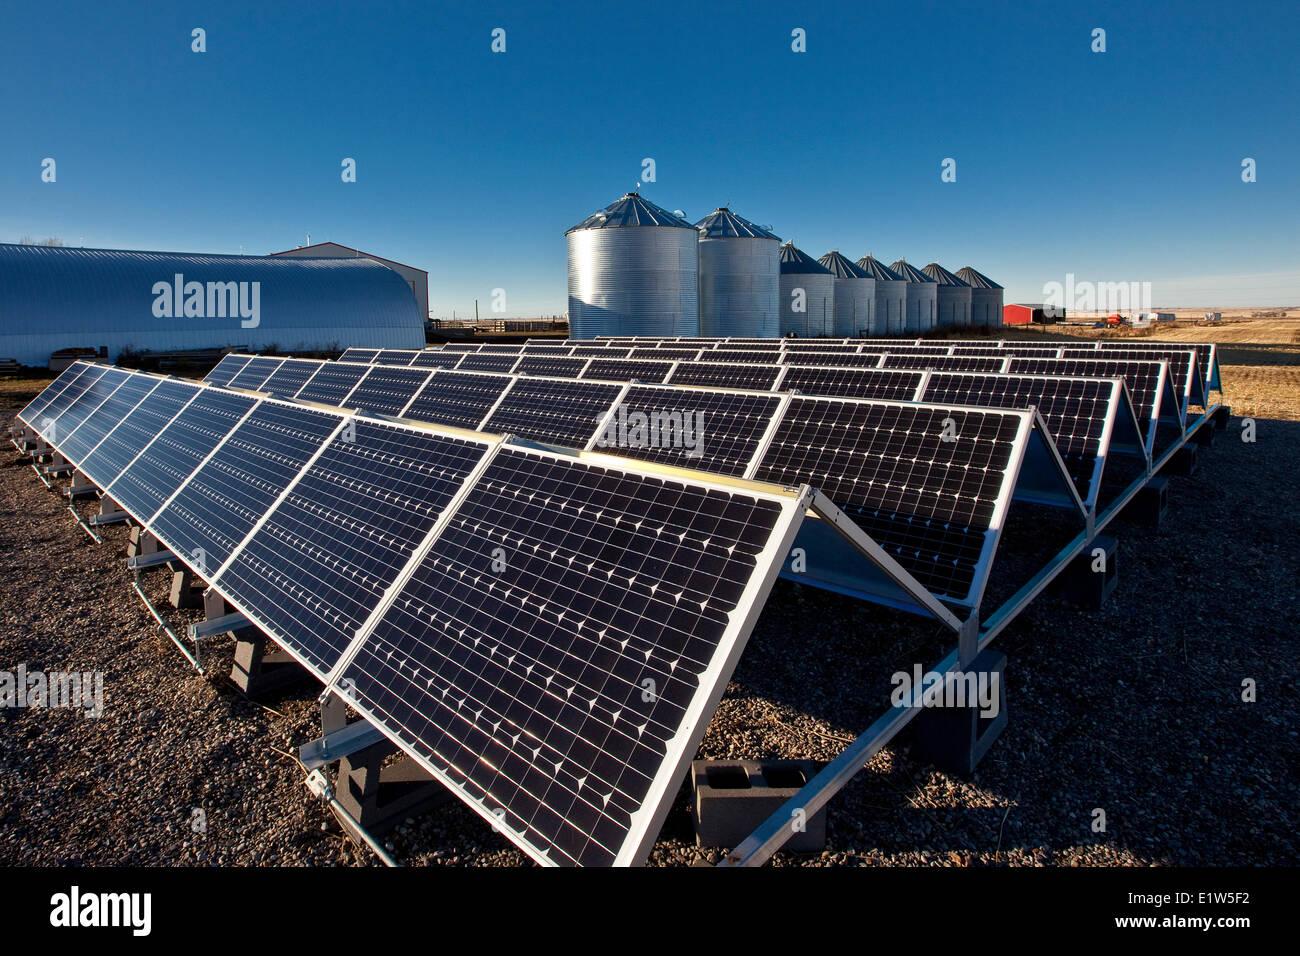 Pannelli solari in agriturismo vicino a Calgary, Alberta, Canada. Immagini Stock